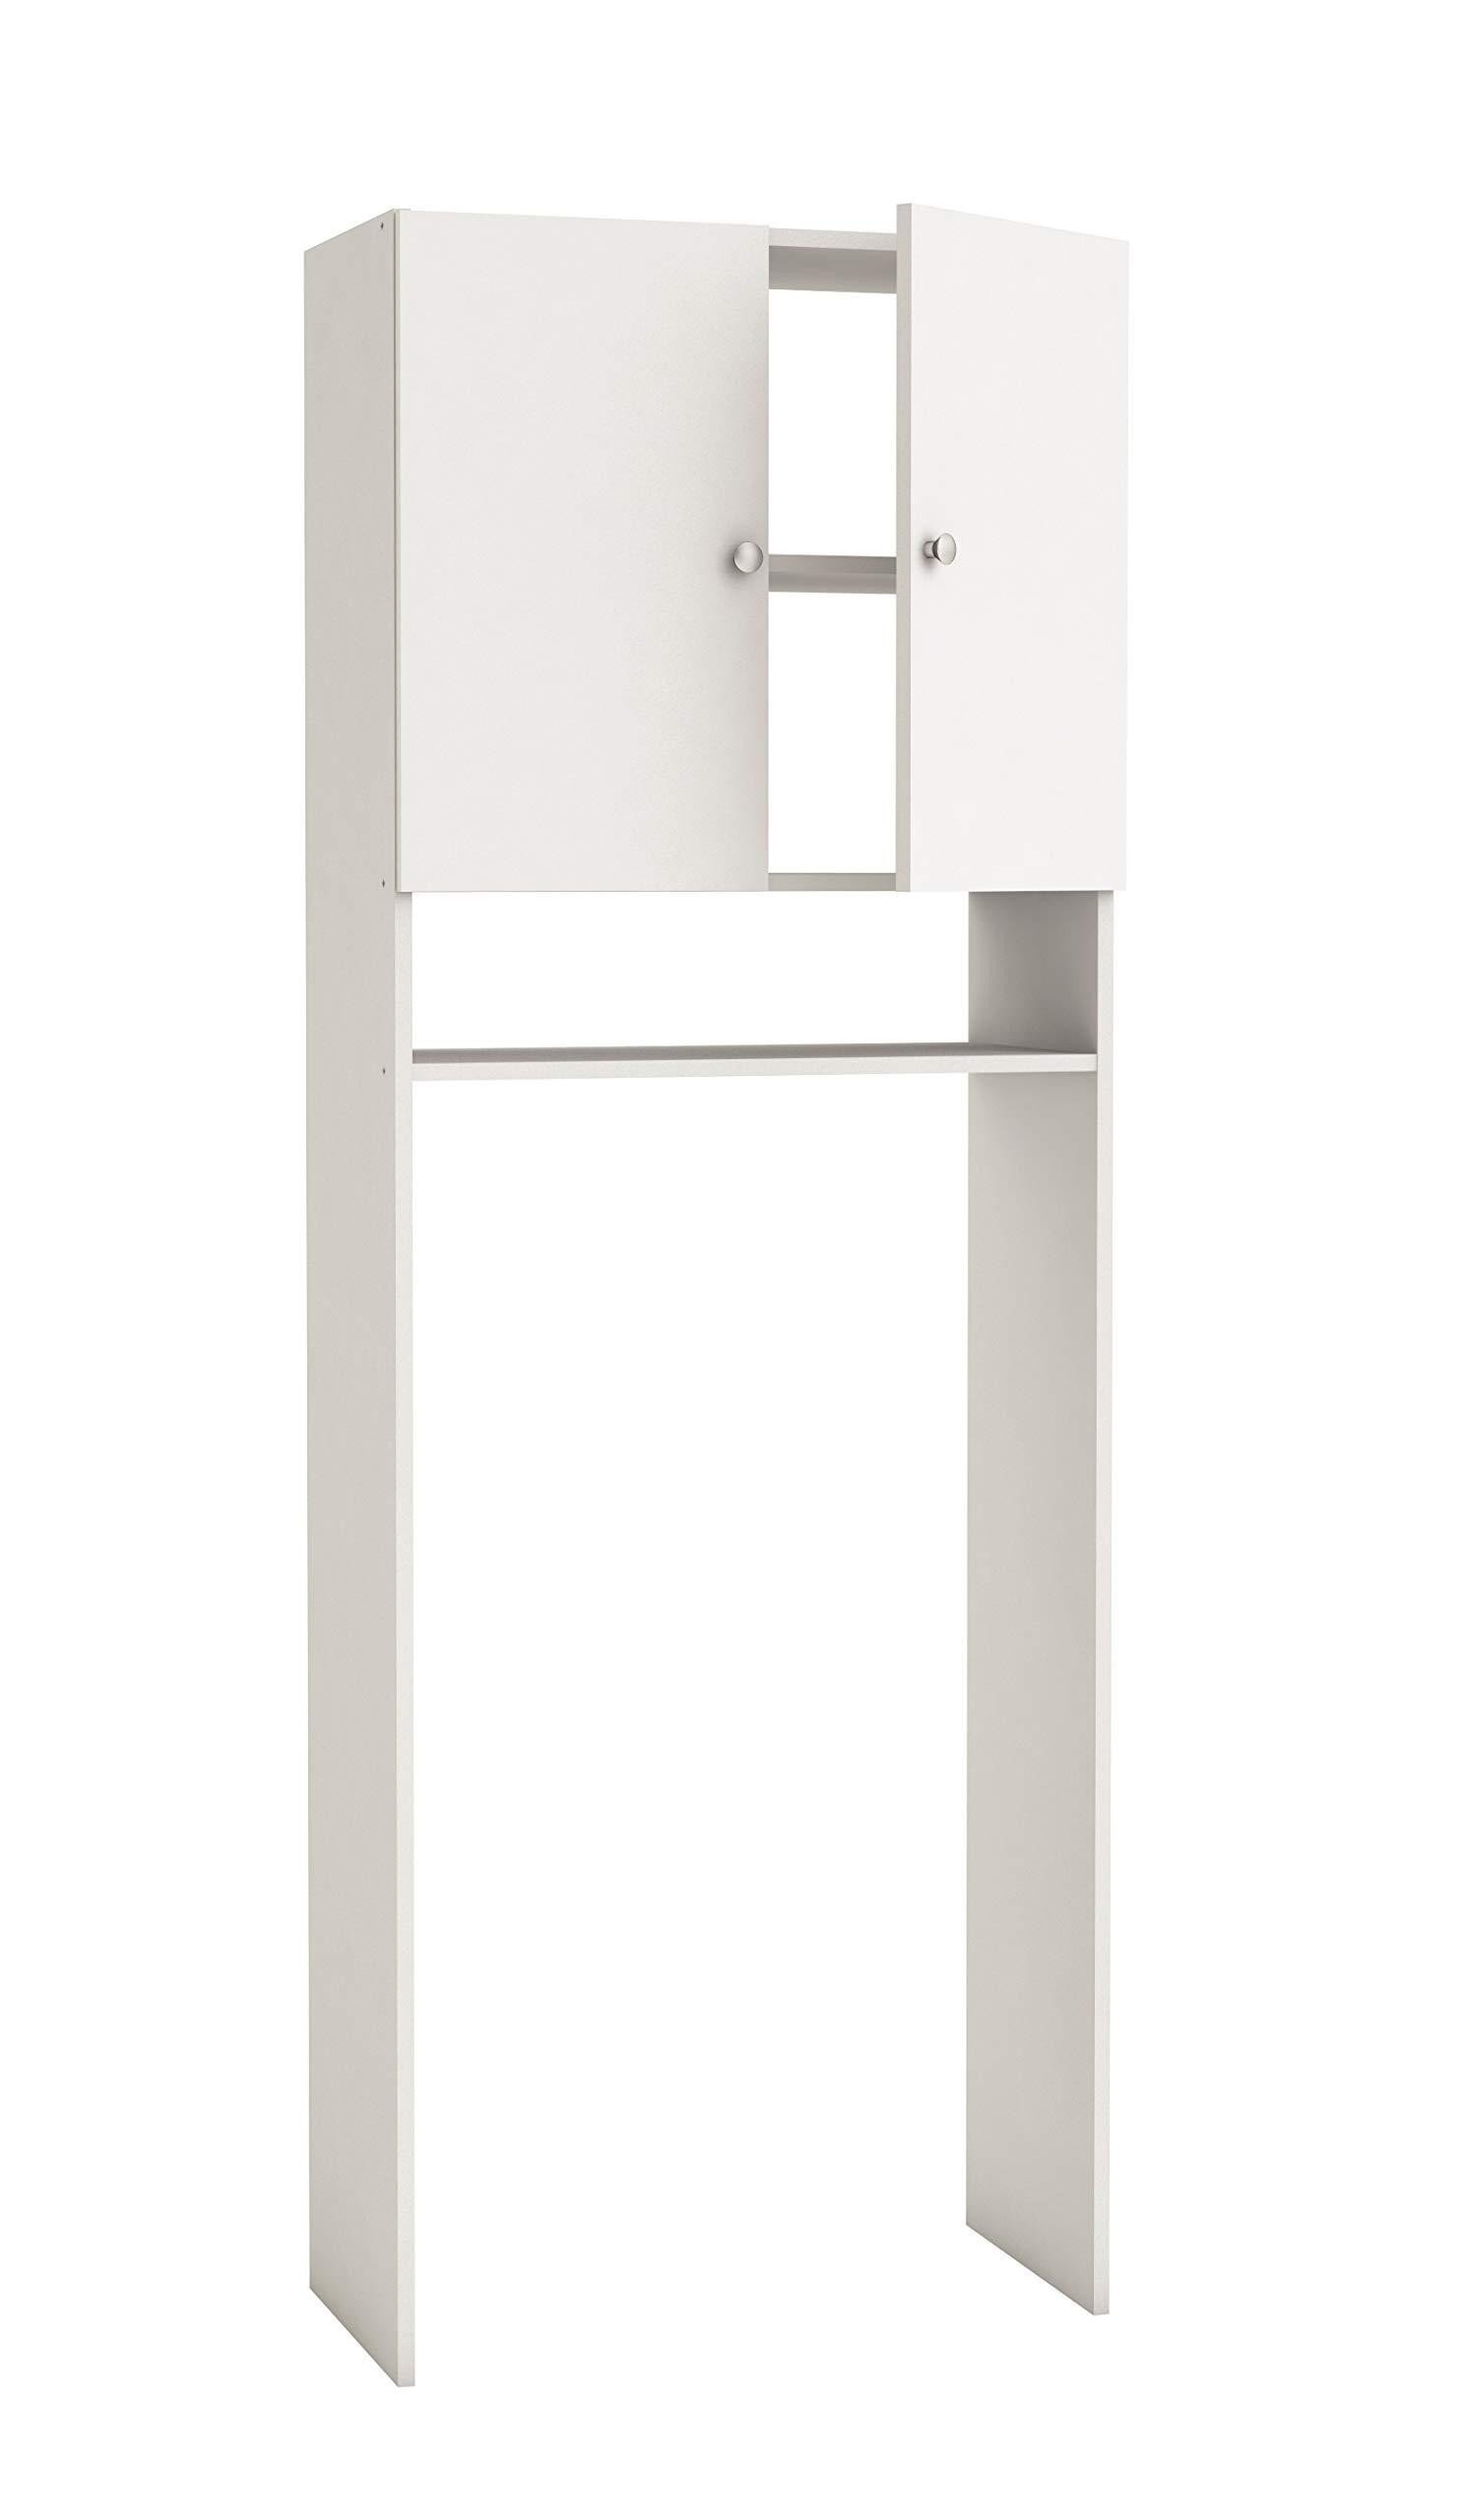 WILMES 40140 – 23 0 23 Ronny – Armario con estantes 2 Puertas ...